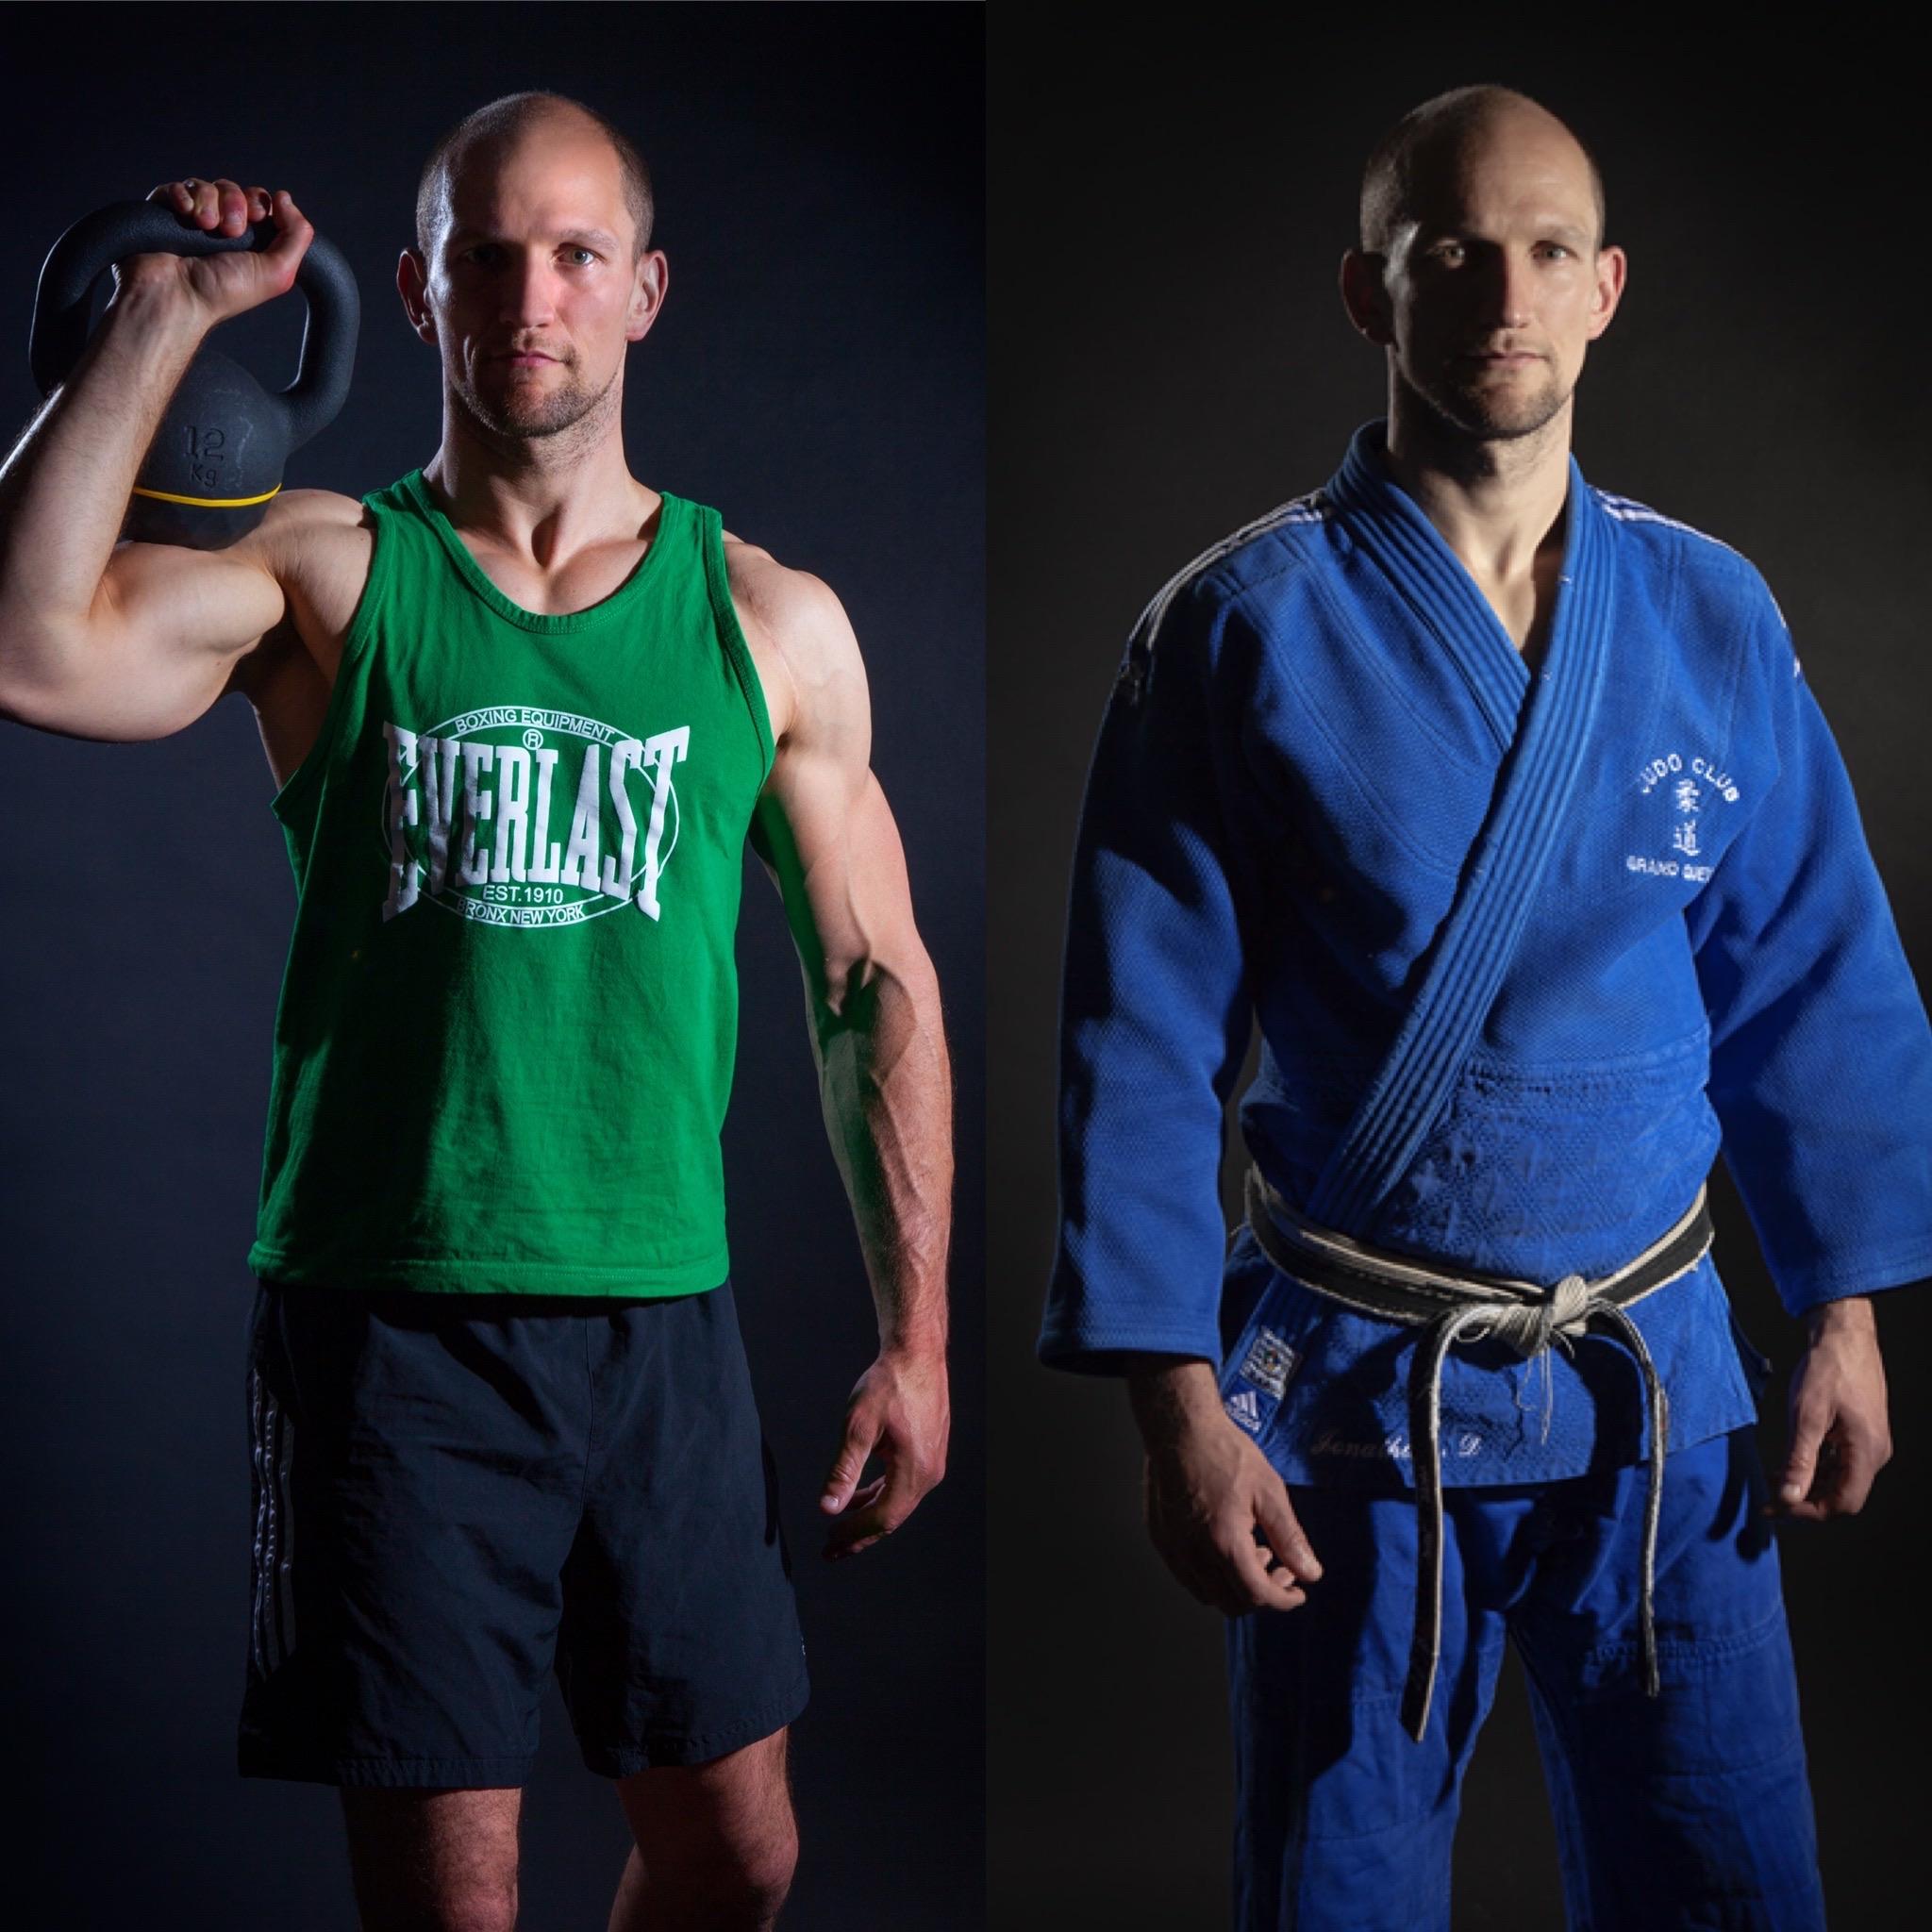 Jonathan Denis - Kettlebell et Judoka